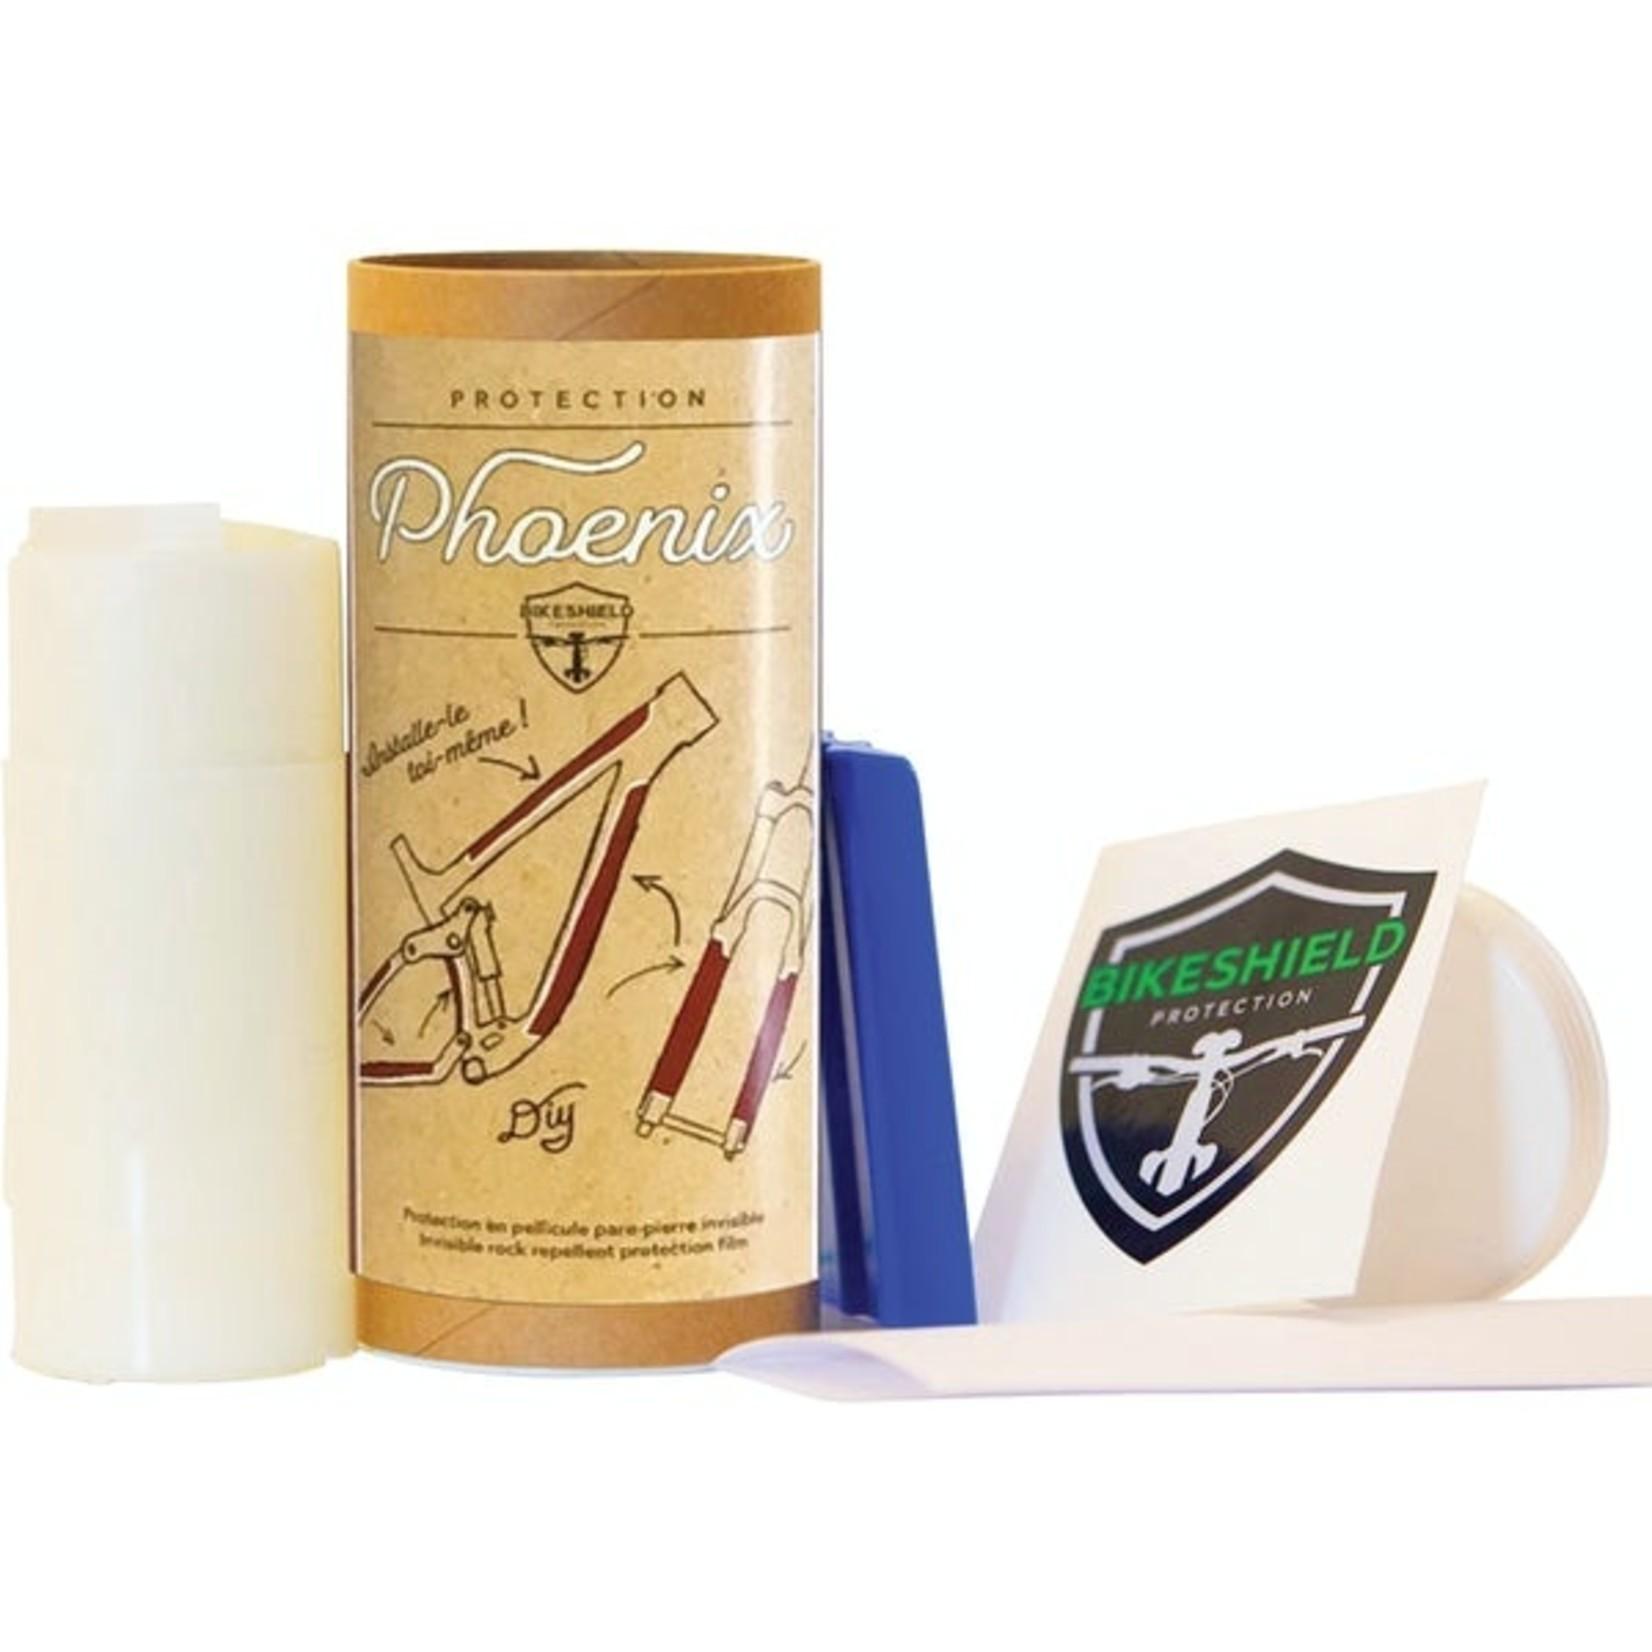 Bikeshield Bike Shield Phoenix Protection Kit